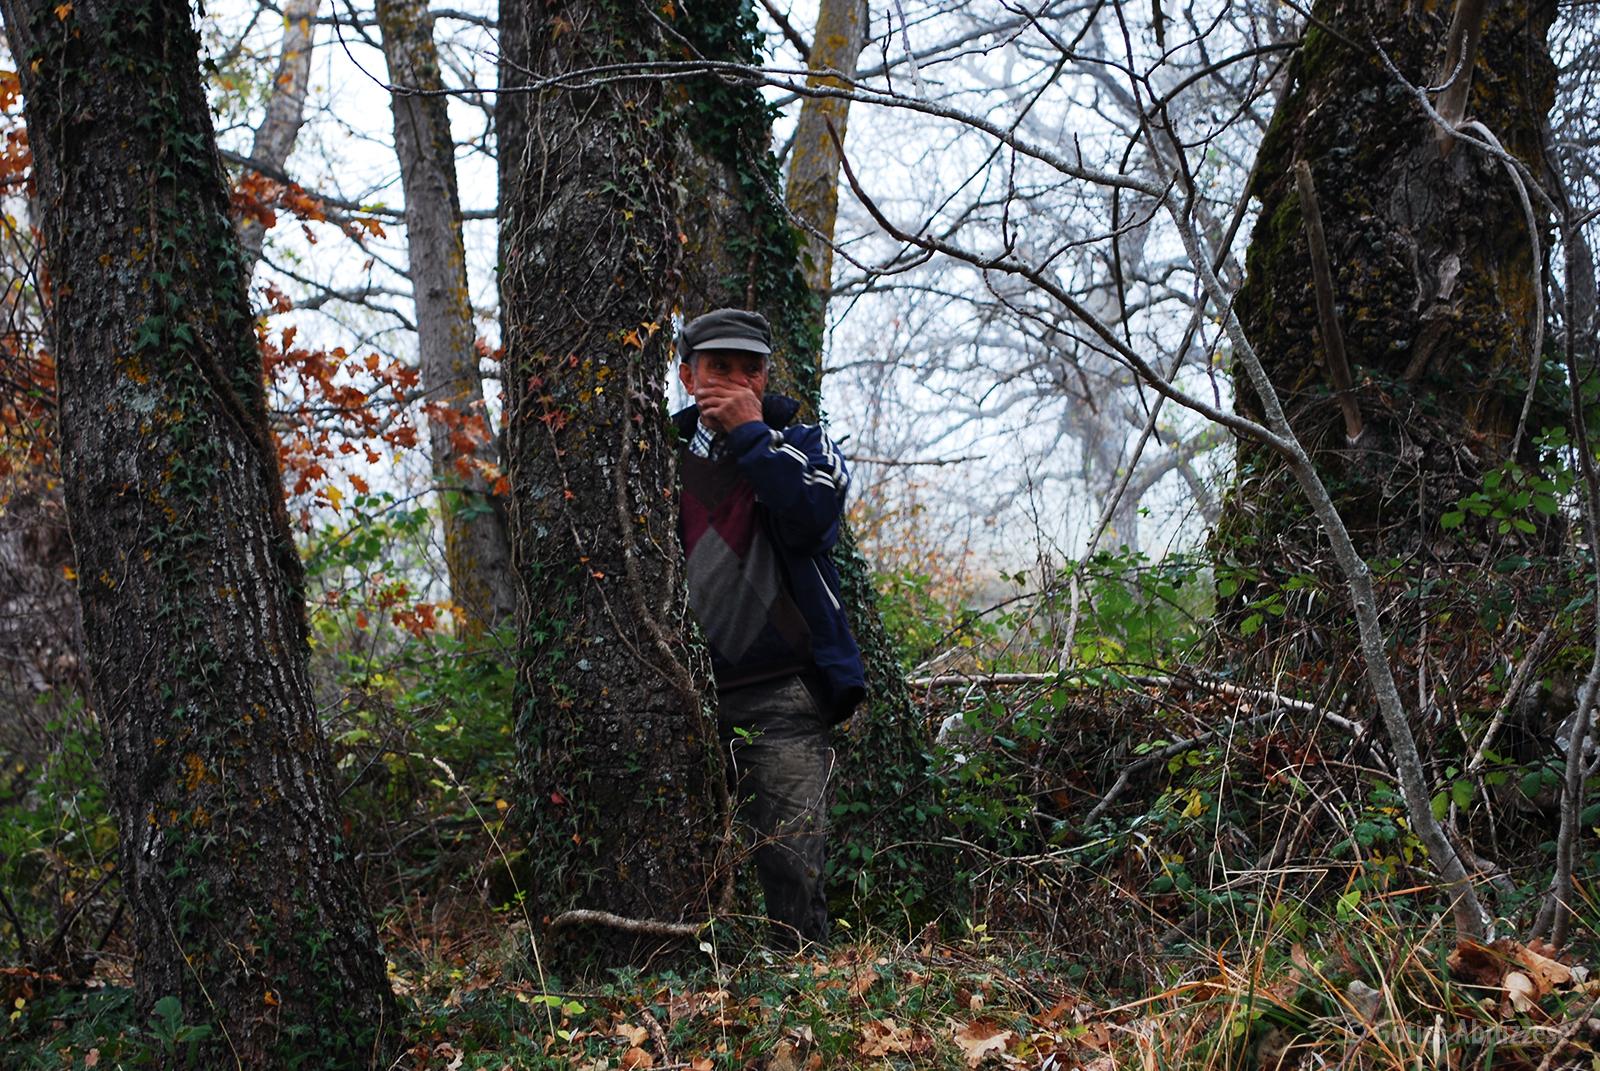 Fausto nel bosco dei Limmari.